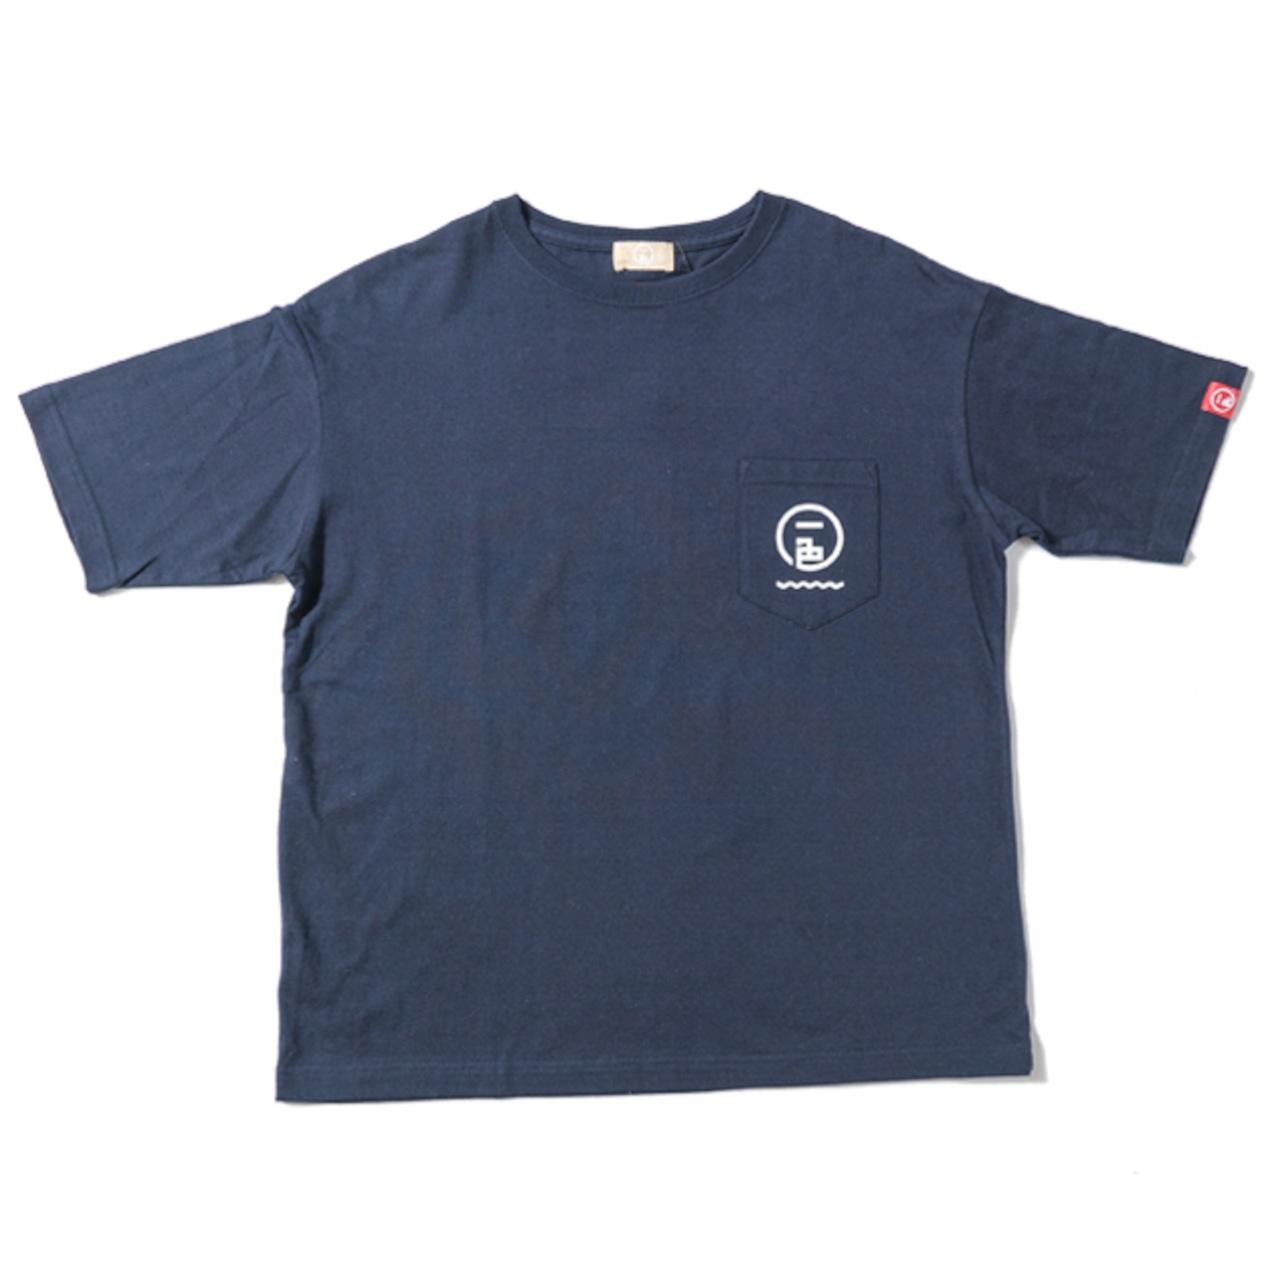 5.6オンス ビッグシルエットT-Shirt - LOGO